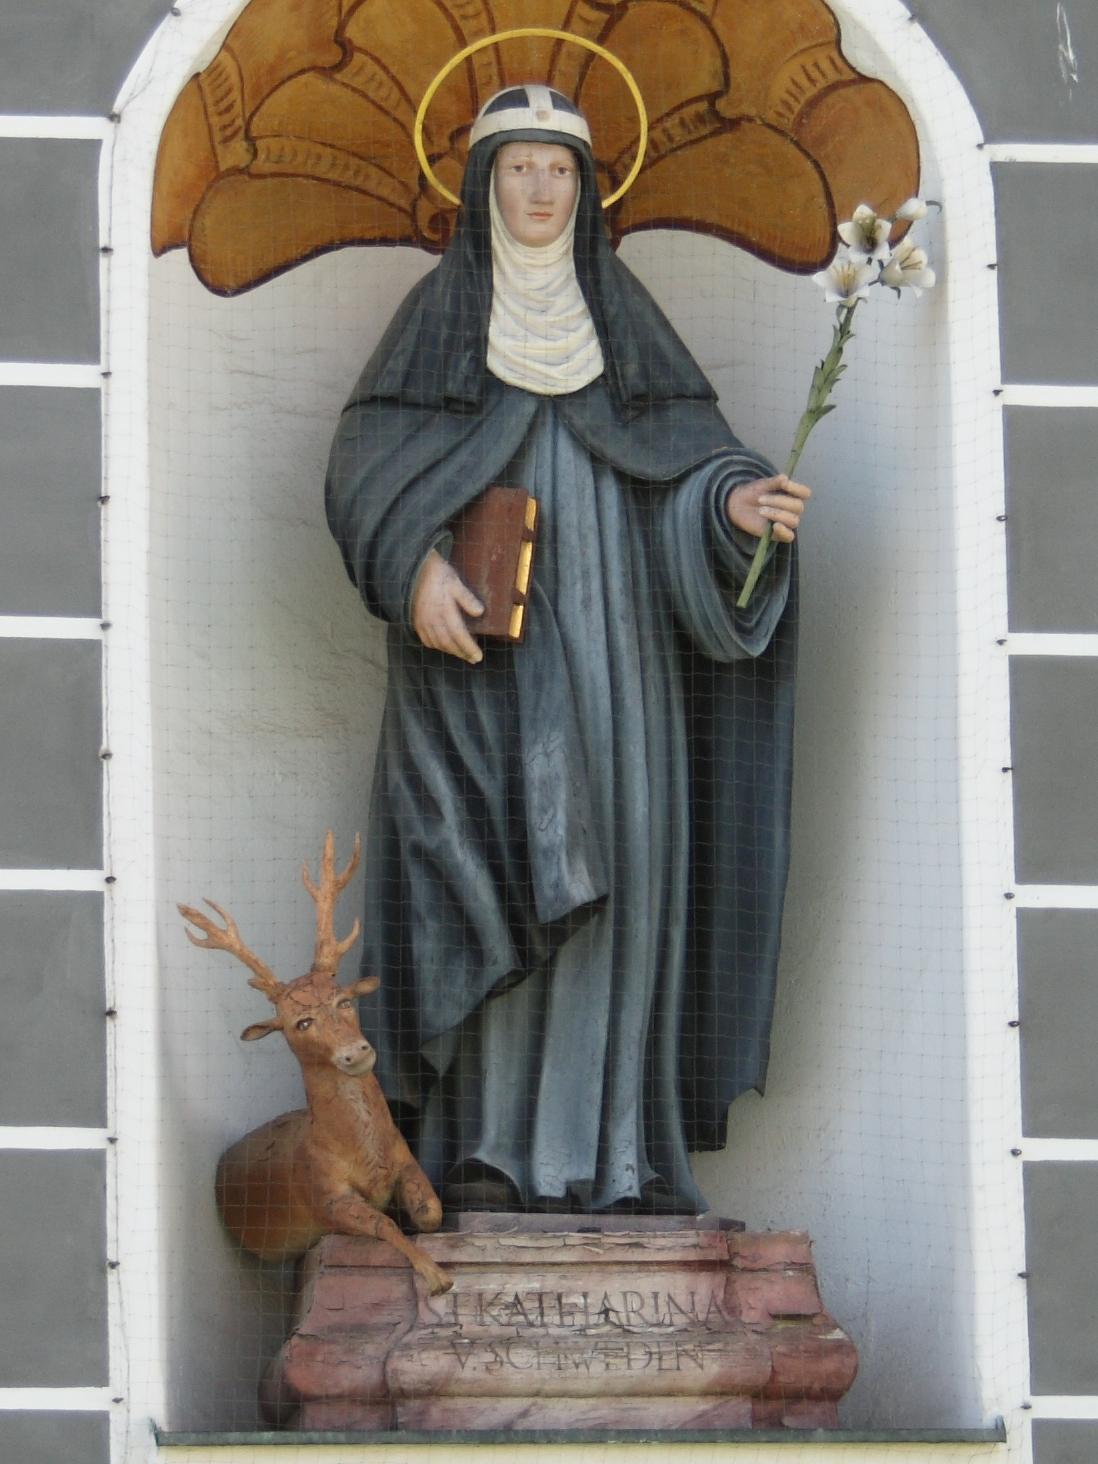 Santa Catarina Da Su U00e9cia  U2013 Wikip U00e9dia  A Enciclop U00e9dia Livre